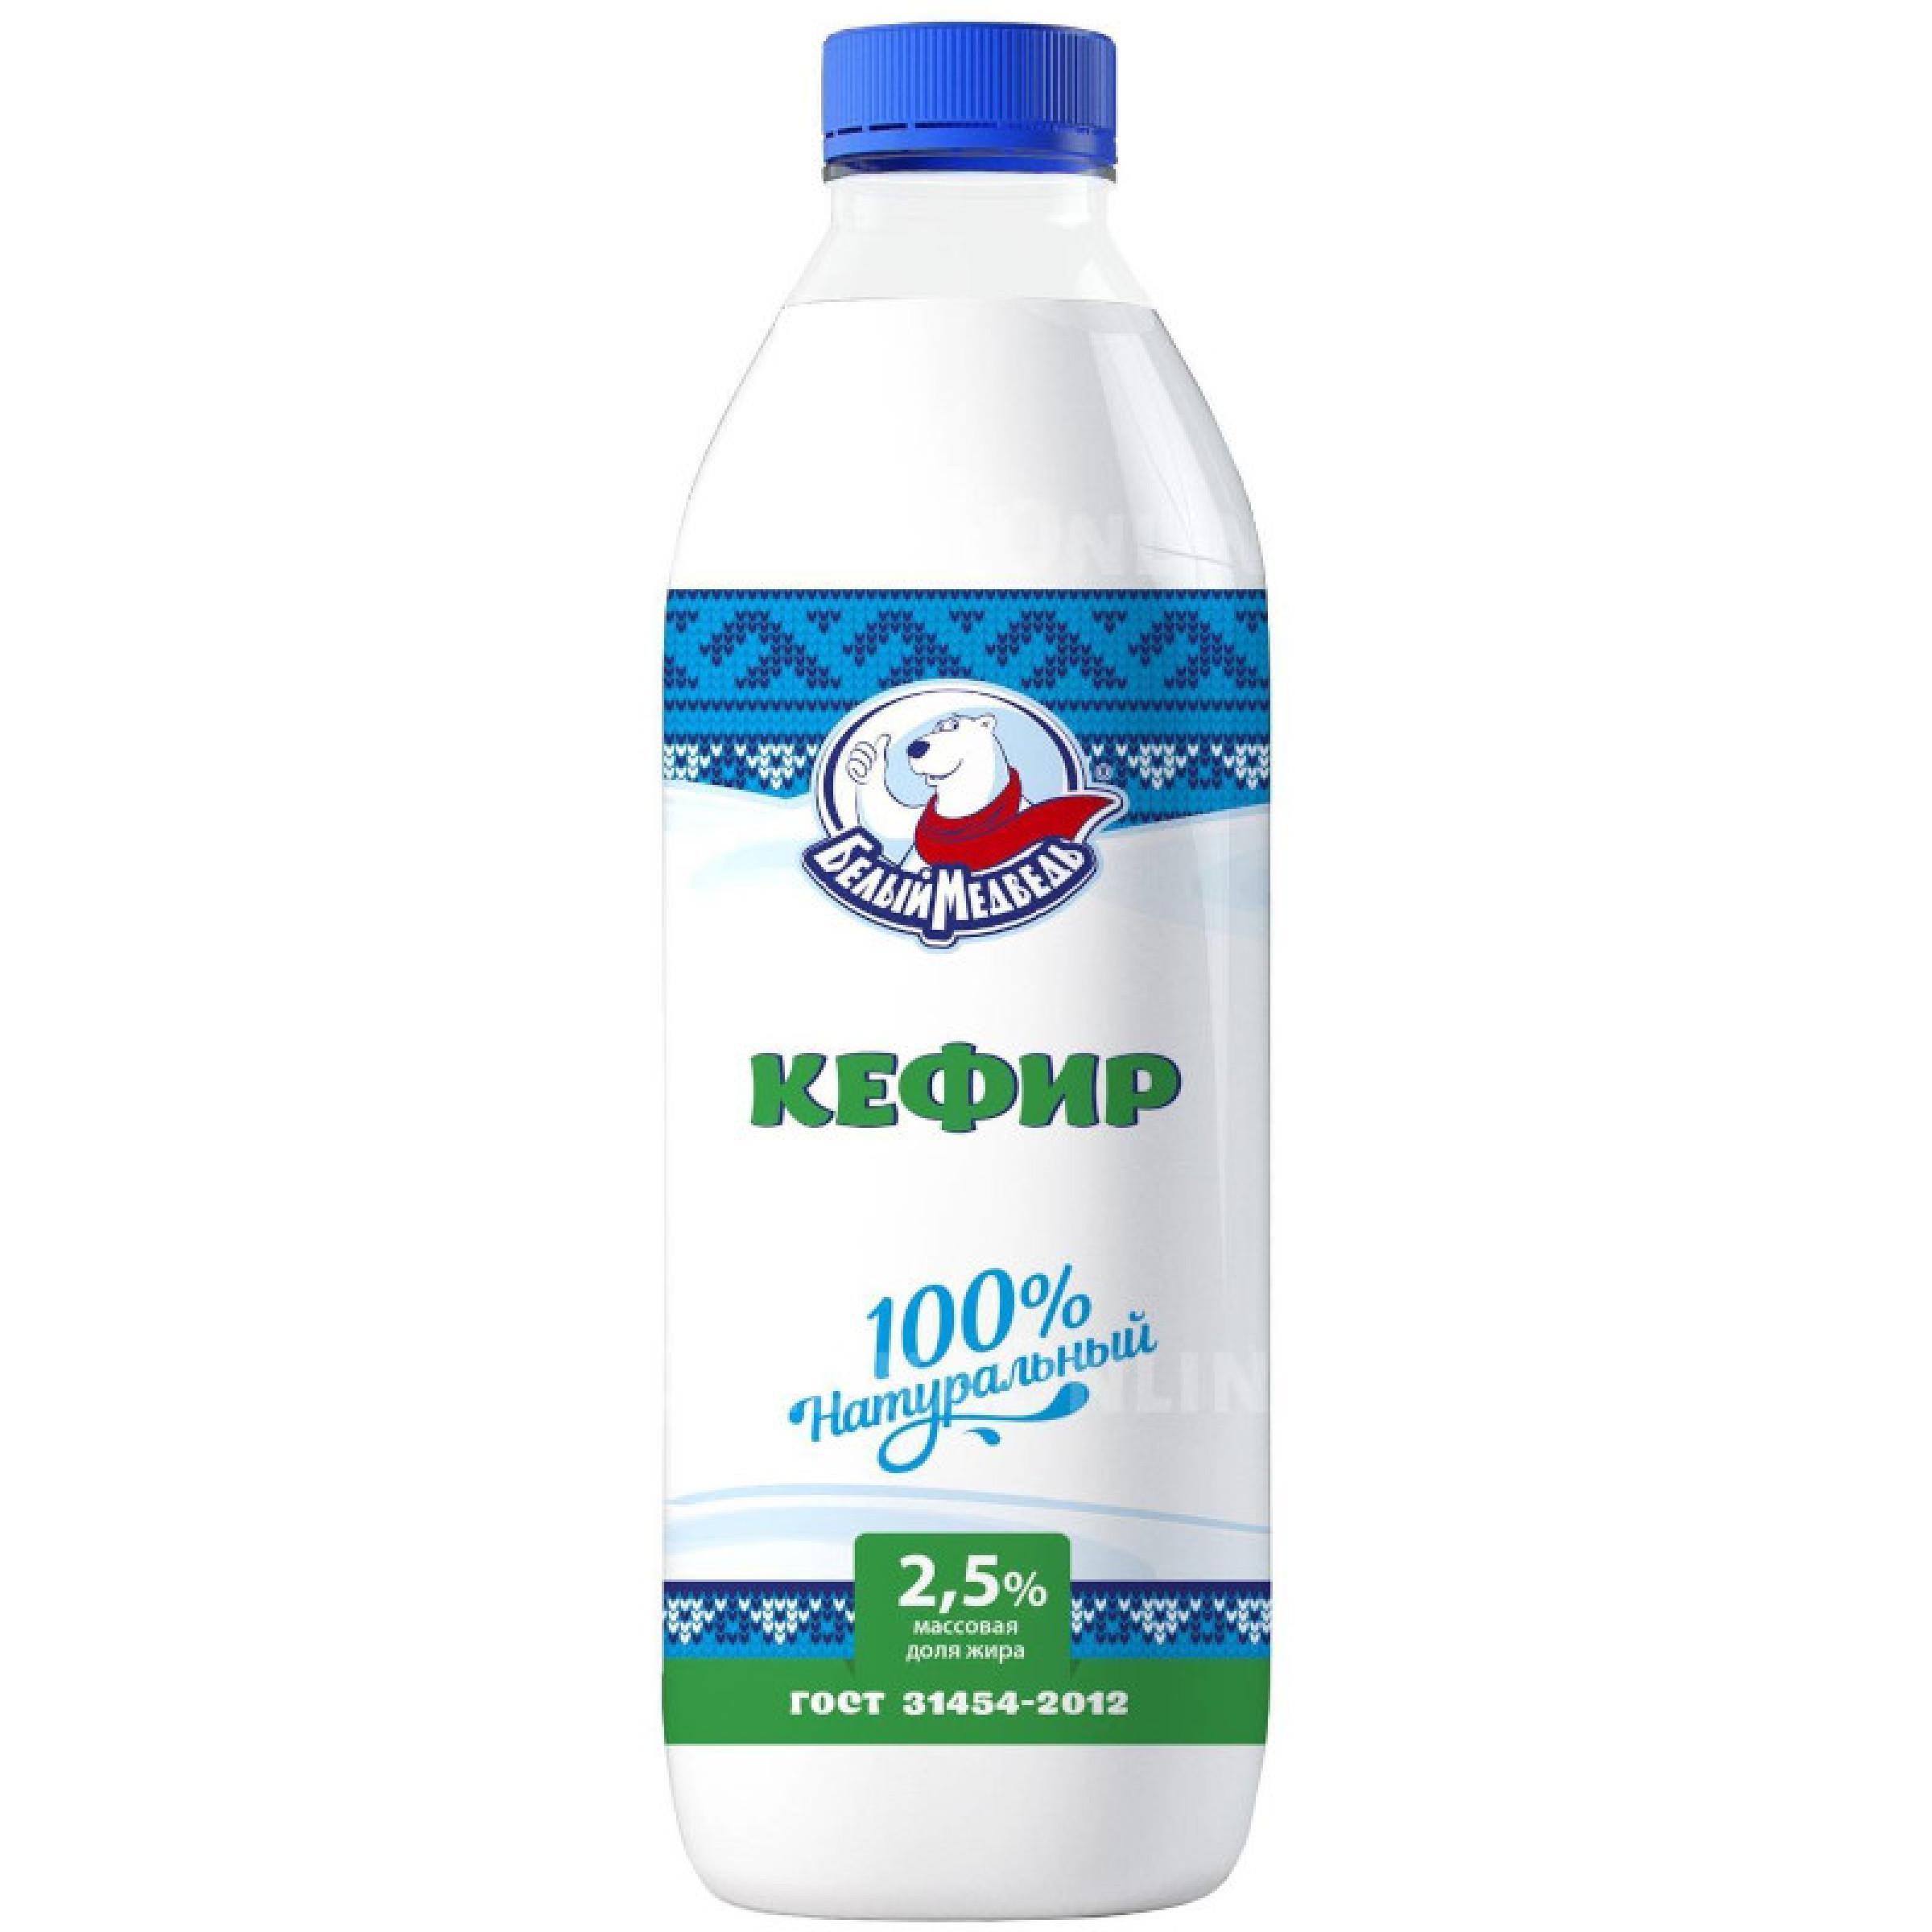 """Кефир 2,5% """"Белый Медведь"""", 900 г"""